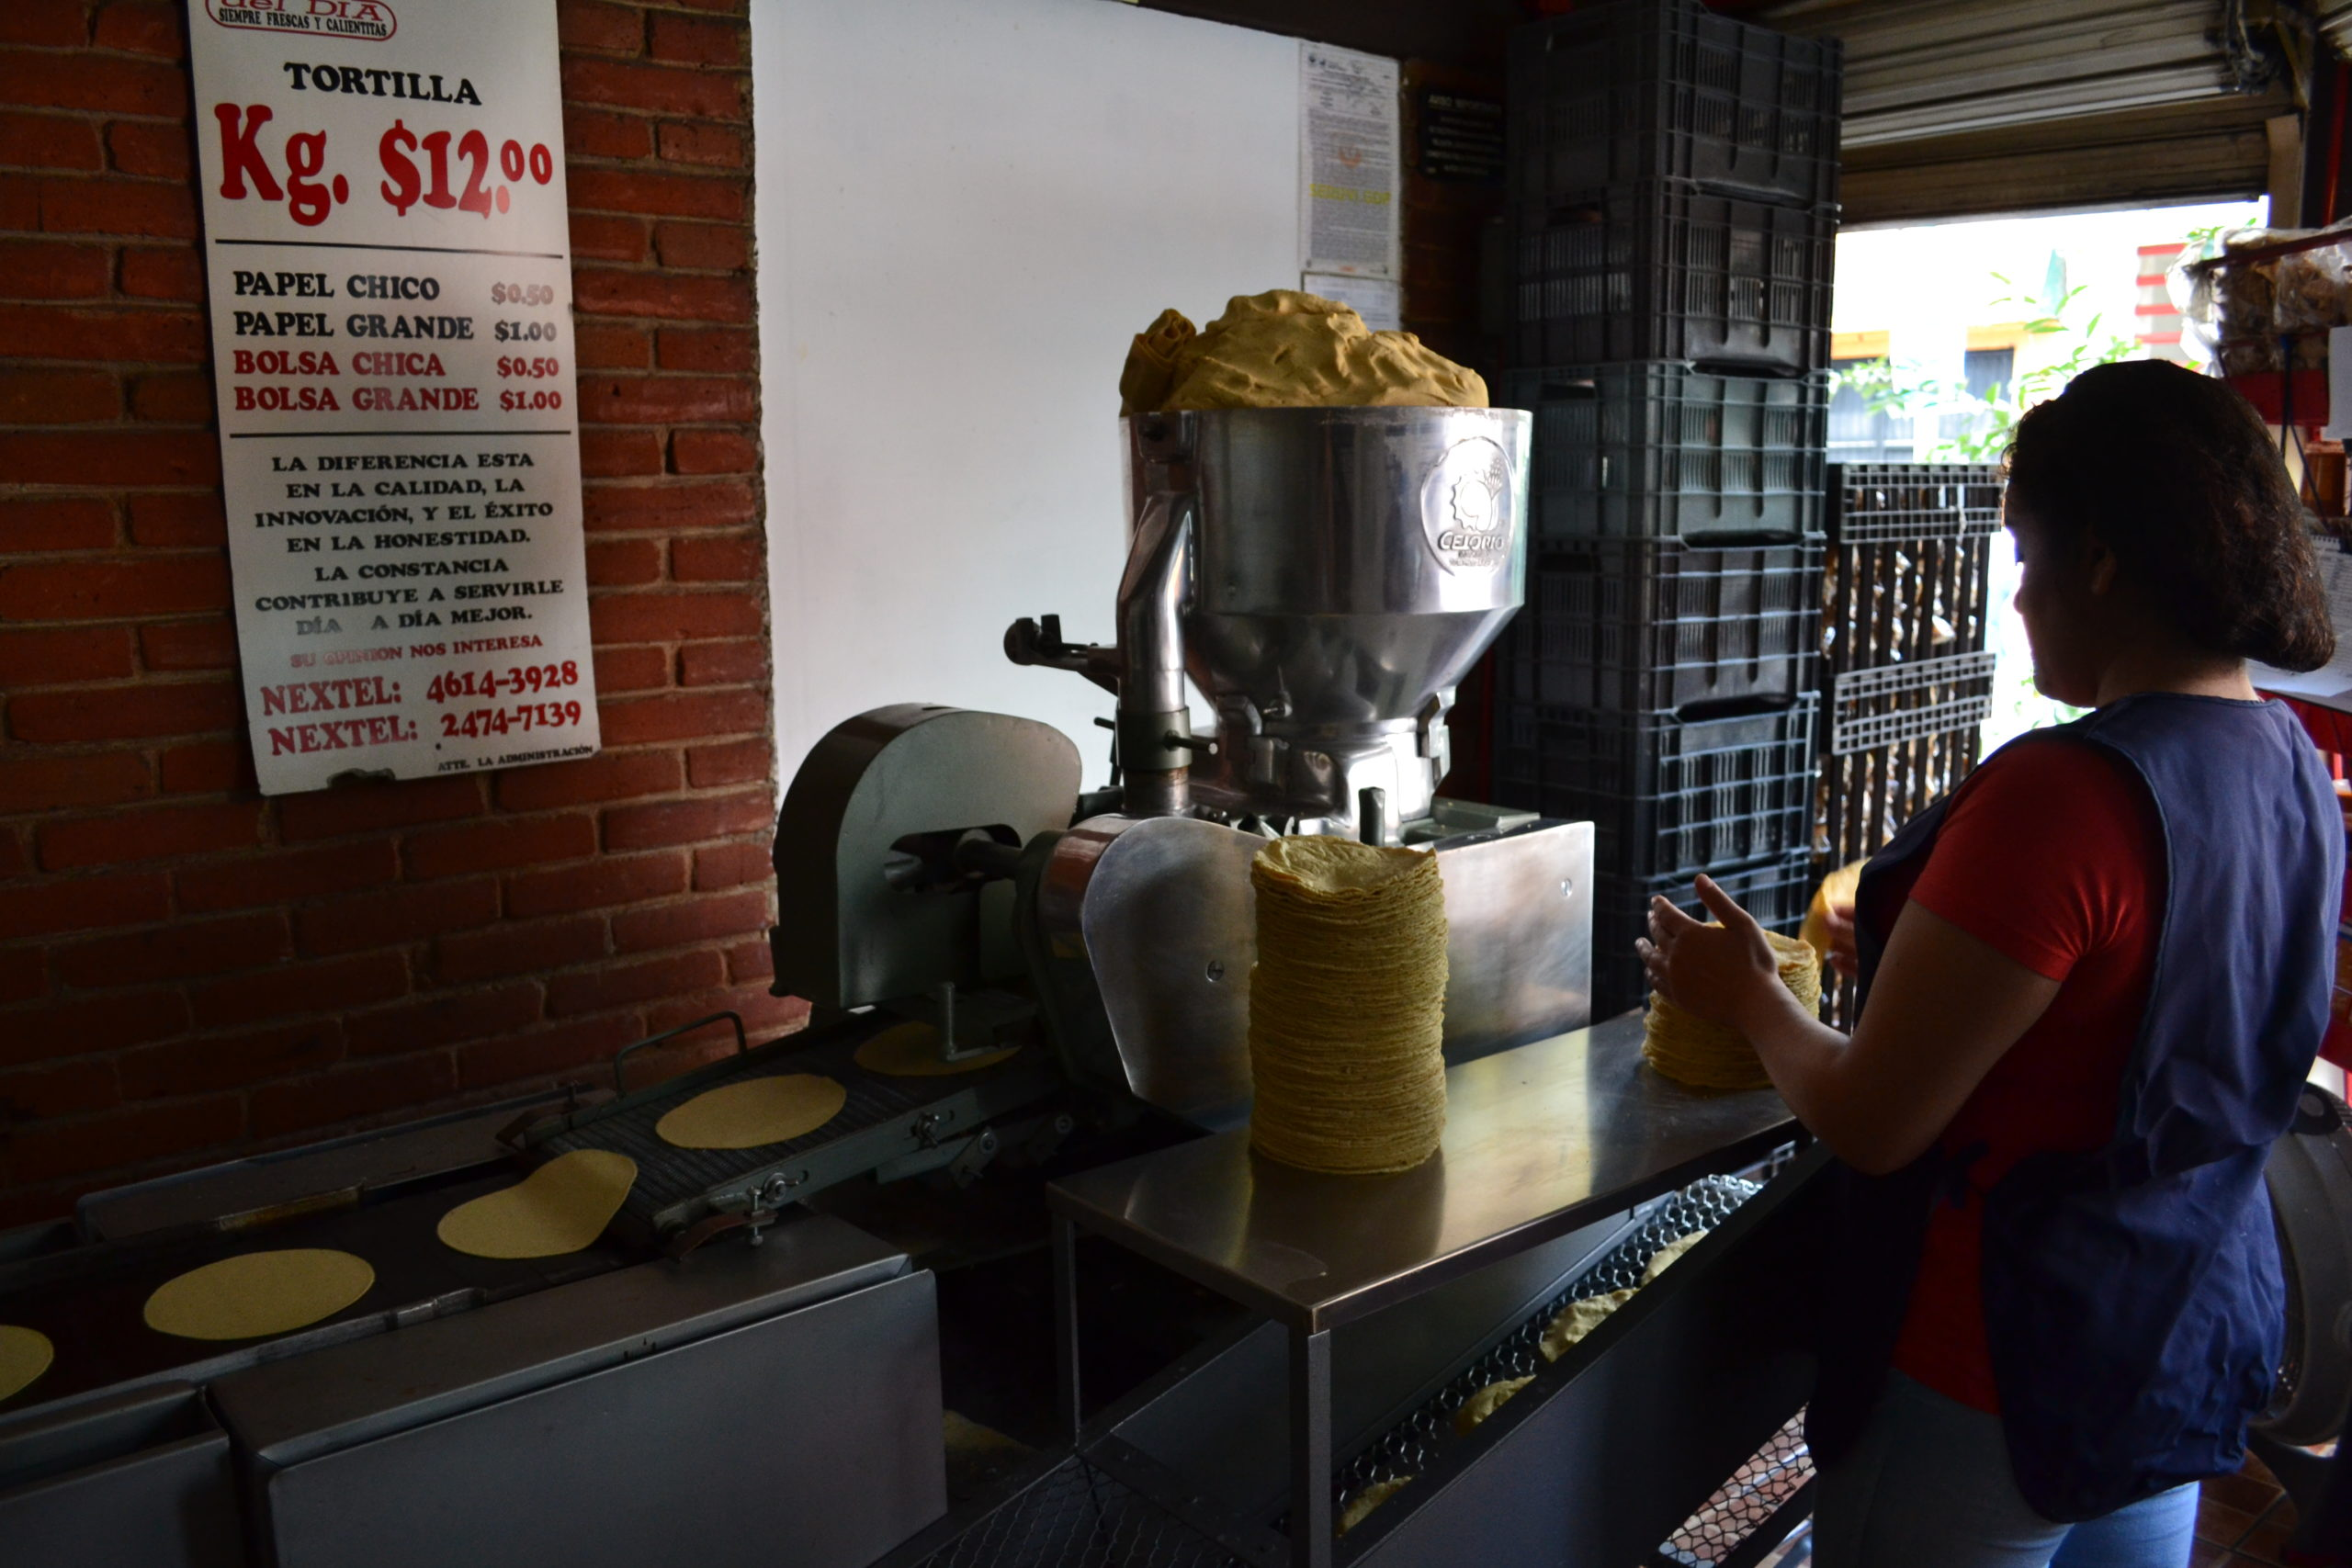 Banco Mundial, Secretaría de Economía negociará con productores de tortilla para que no suban precios